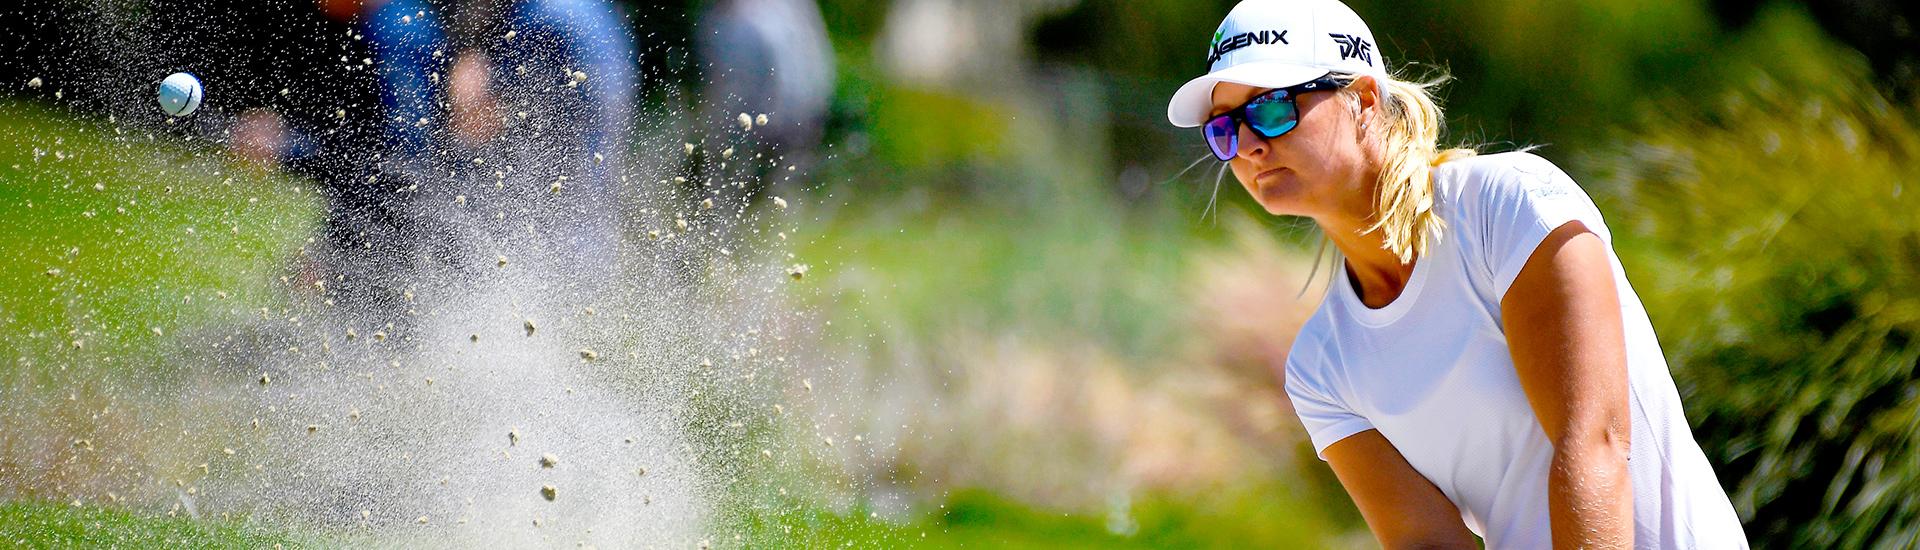 viasat golf erbjudande